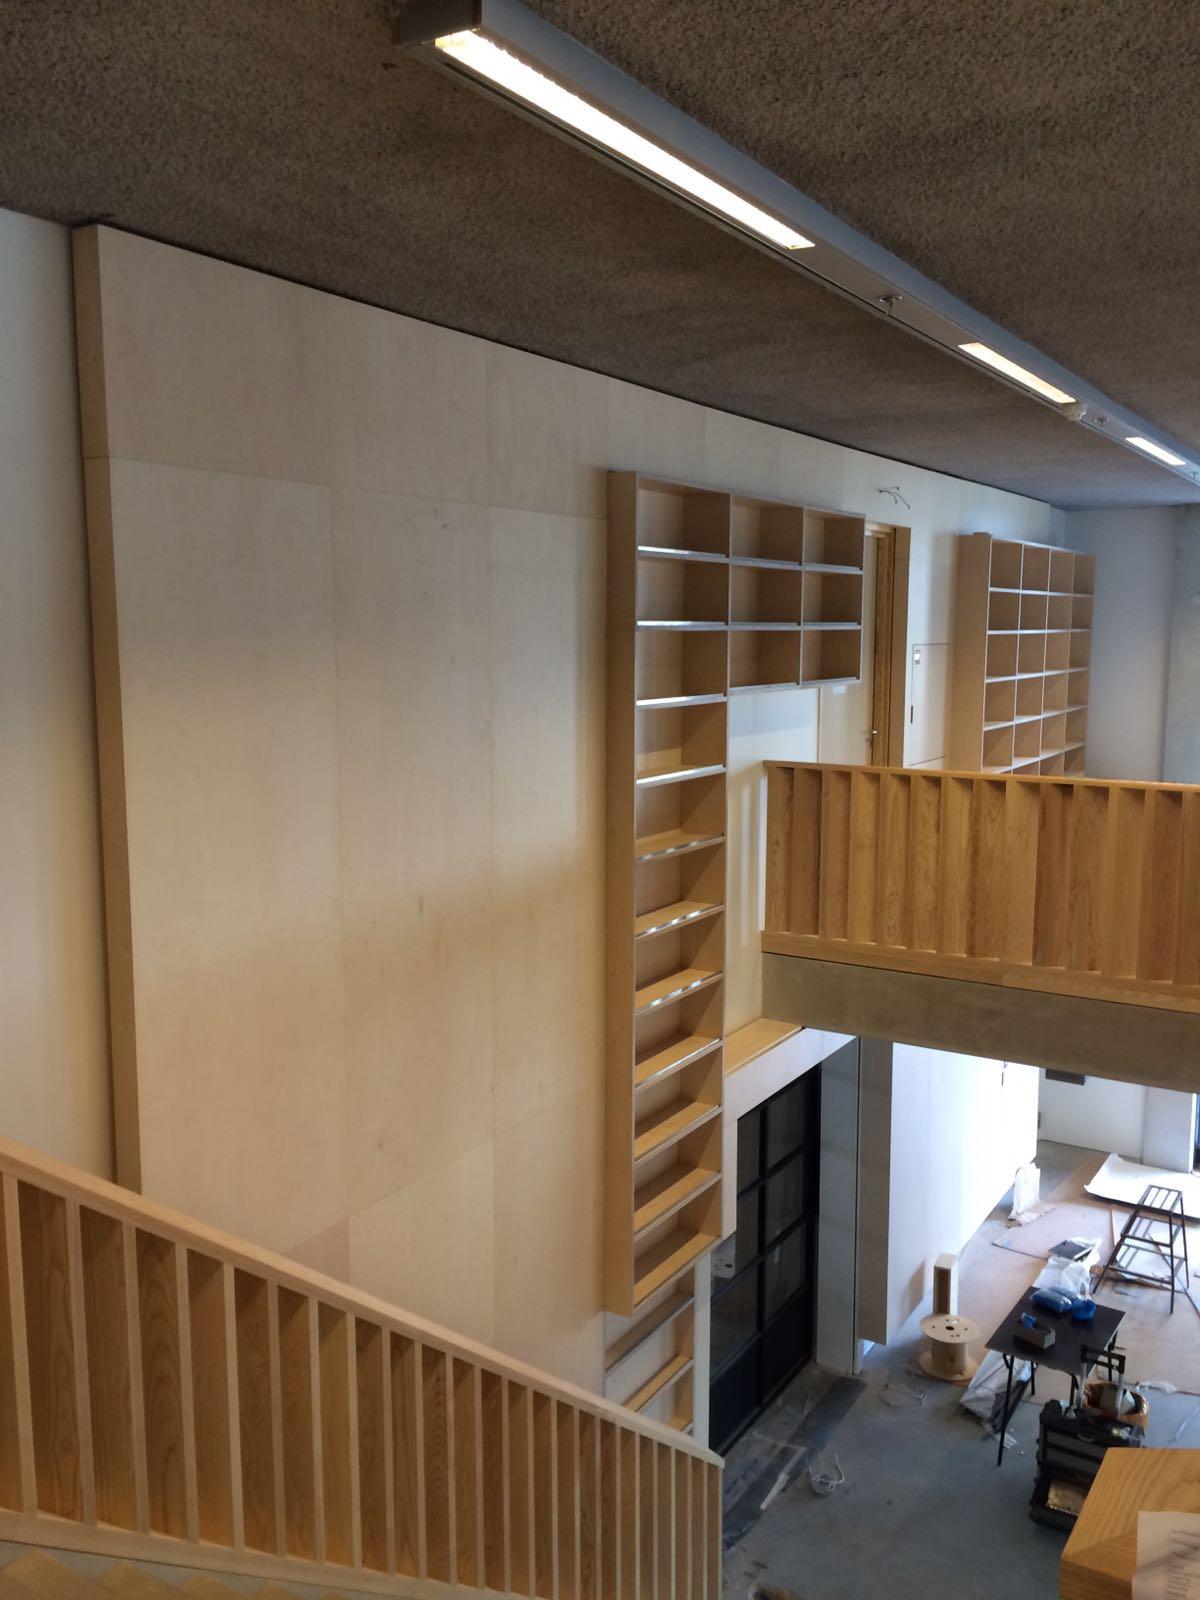 image 2 - Bibliotheek Ligne Sittard